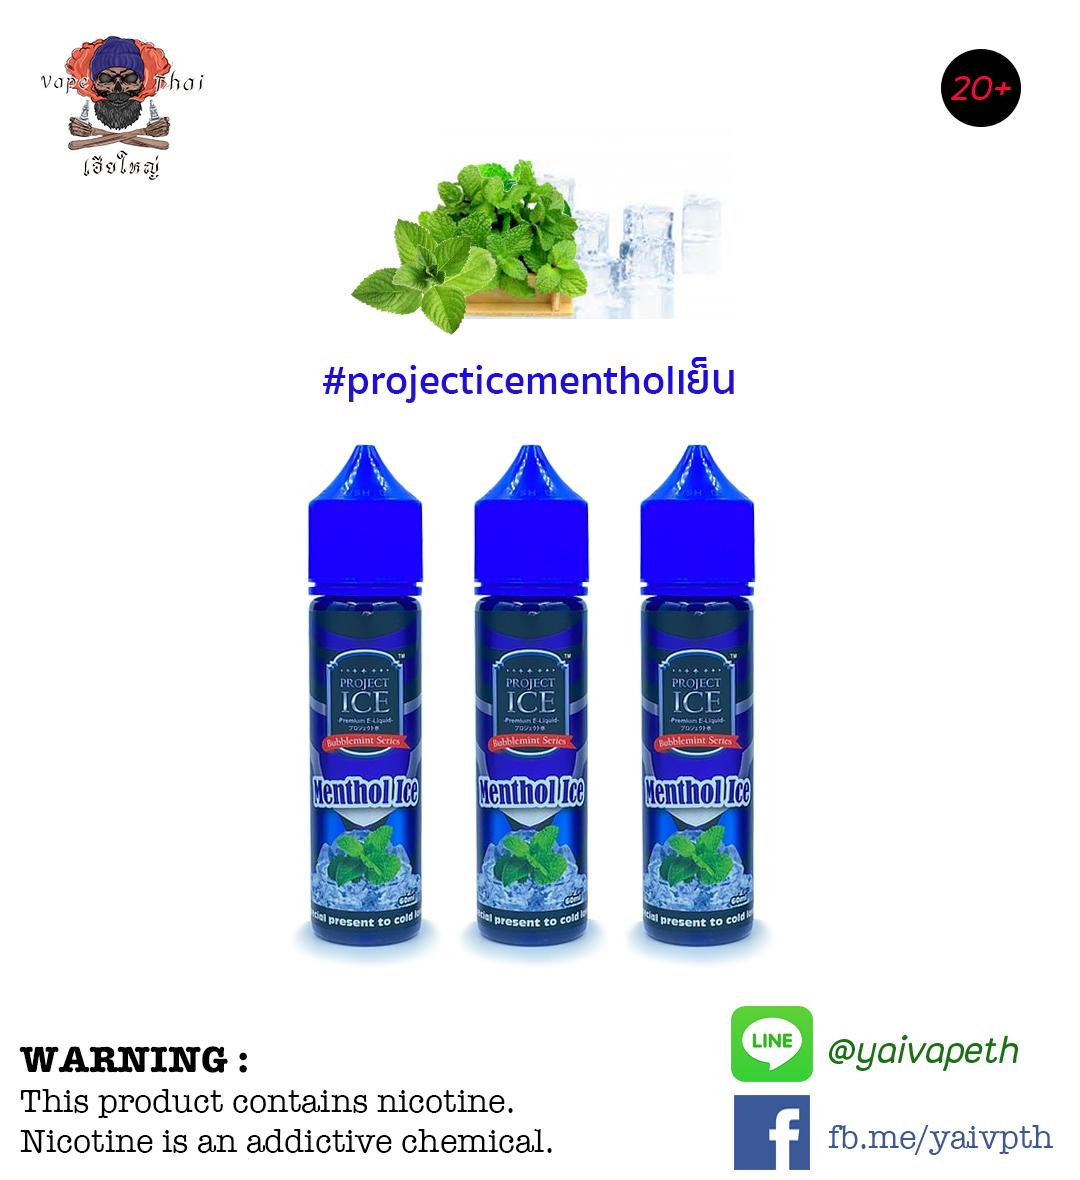 เมนทอลไอซ์ - น้ำยาบุหรี่ไฟฟ้า Project Ice Menthol Ice 60 ml (มาเลเซีย) [เย็นมาก] ของแท้ 100%